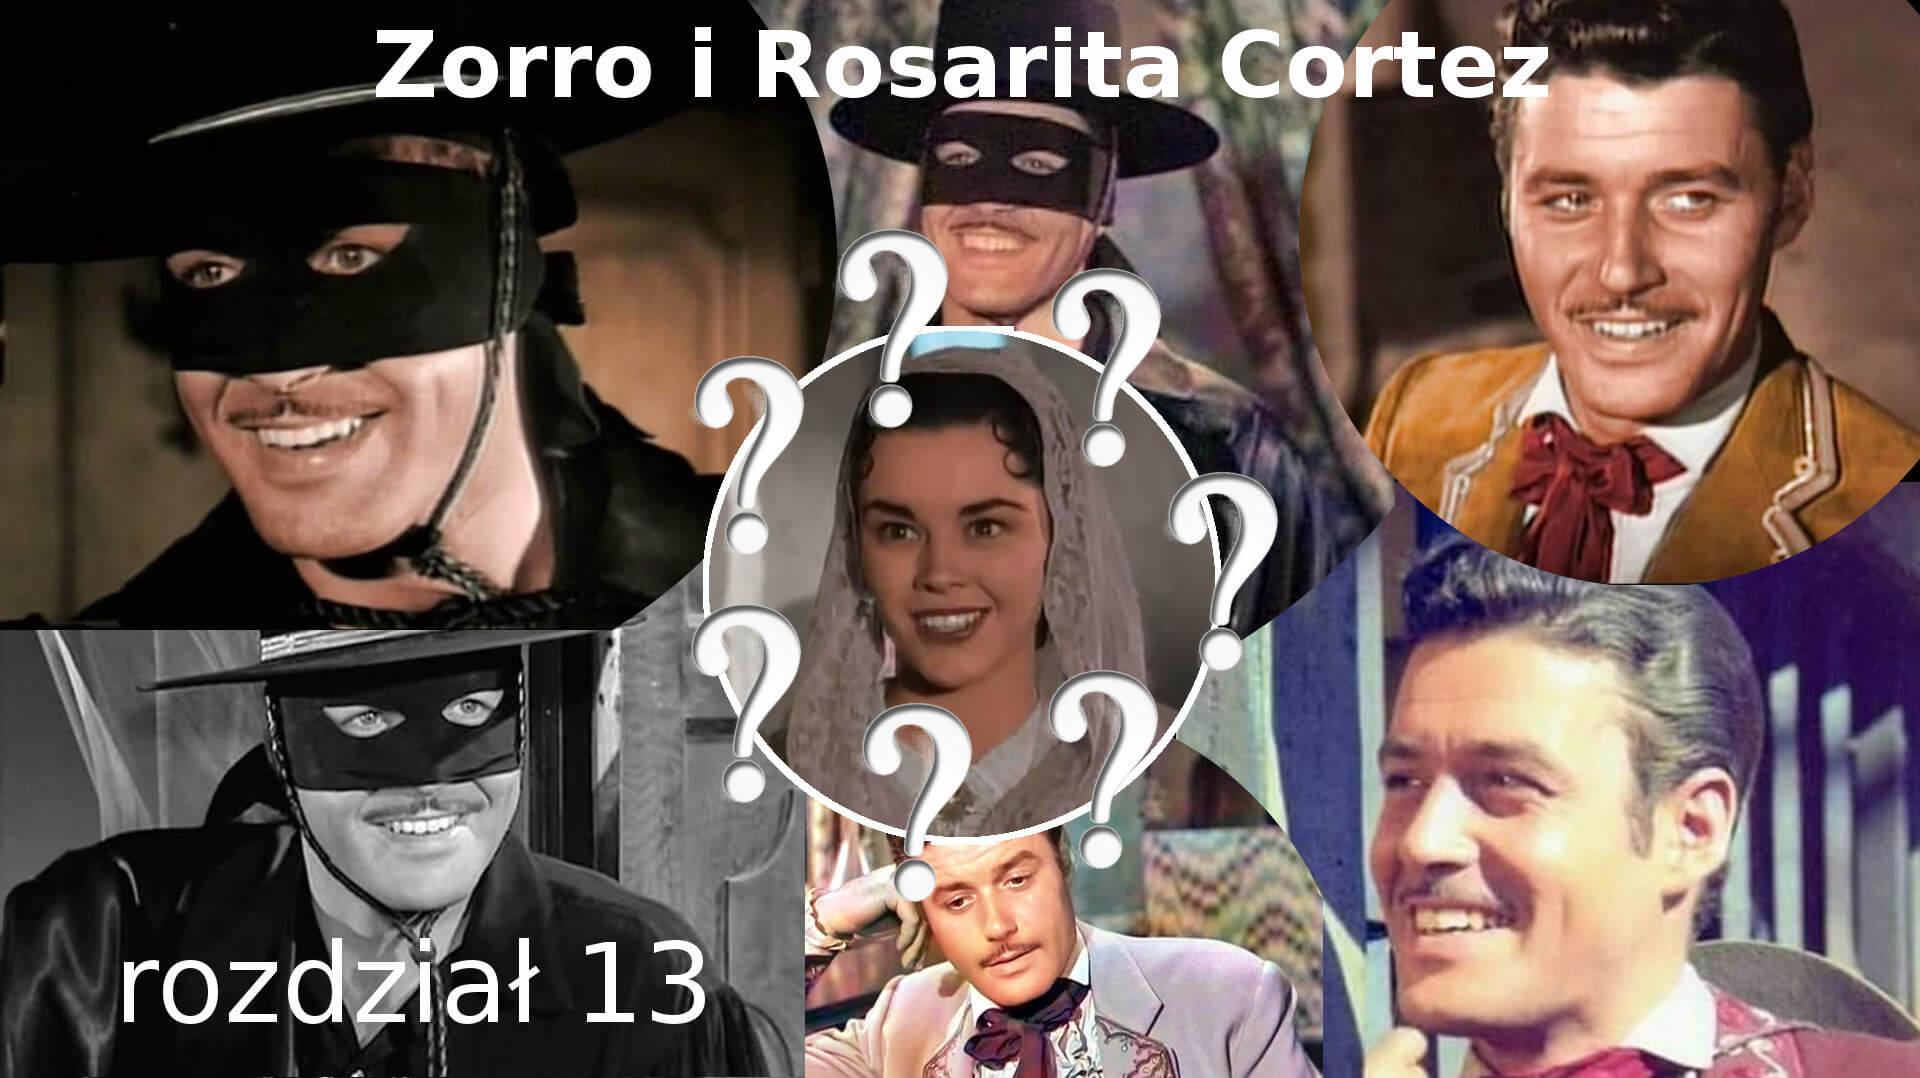 Zorro i Rosarita Cortez rozdział 13 Zorro fanfiction